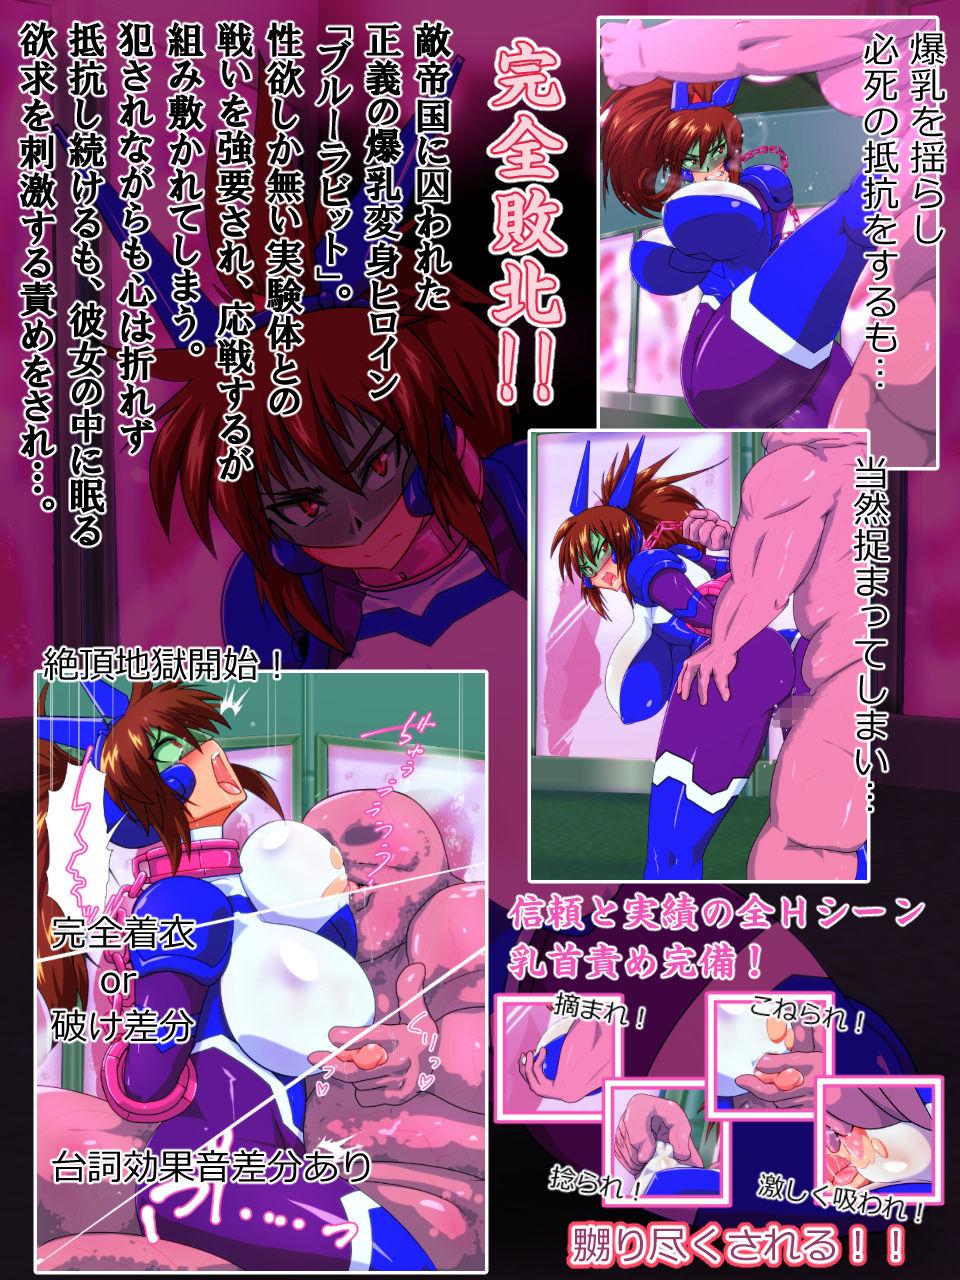 【漁業連合 同人】獣換ビーストファイター8